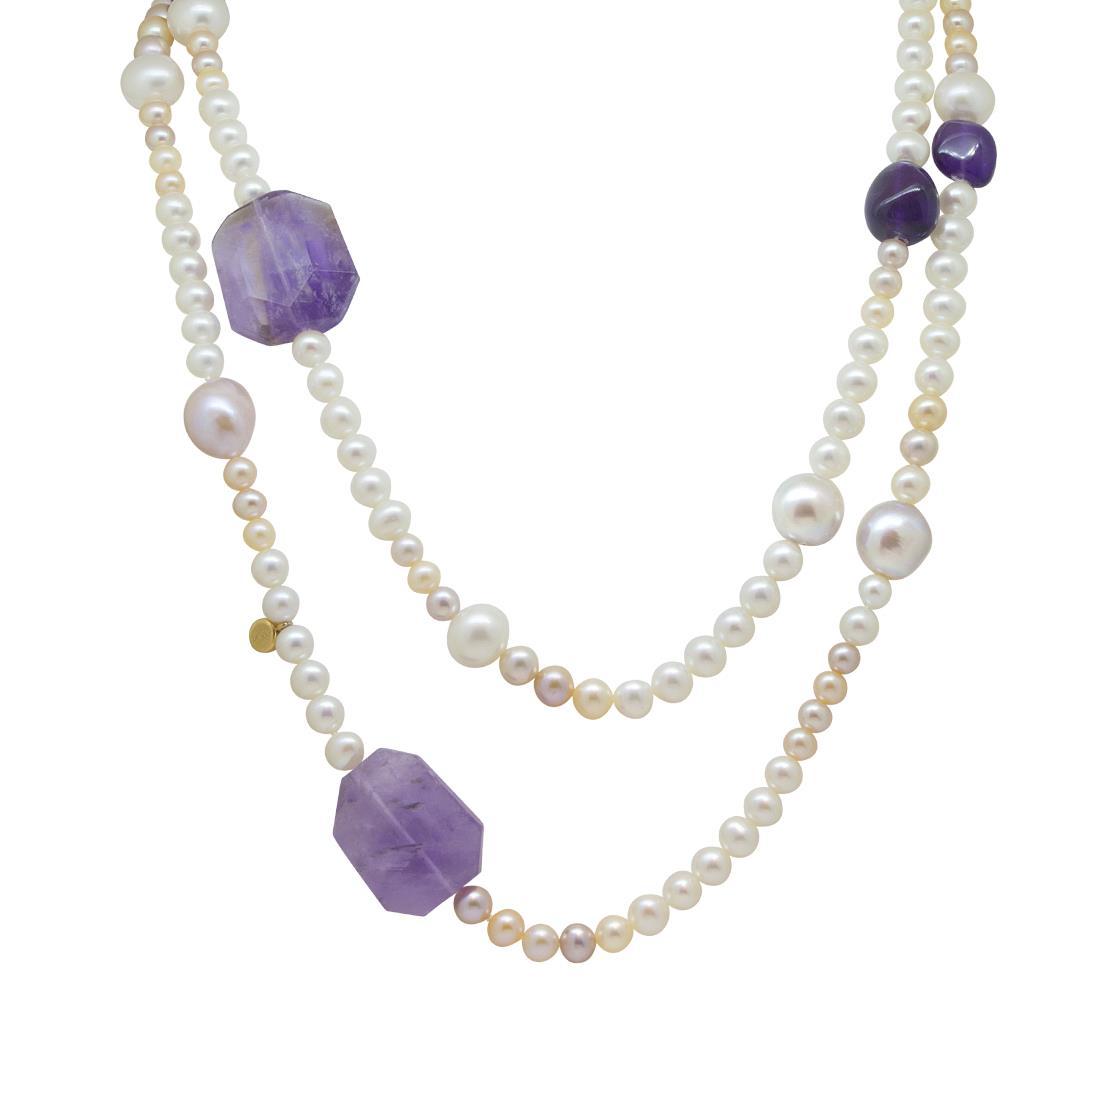 Collana lunga di perle e ametiste - ROBERTO DEMEGLIO